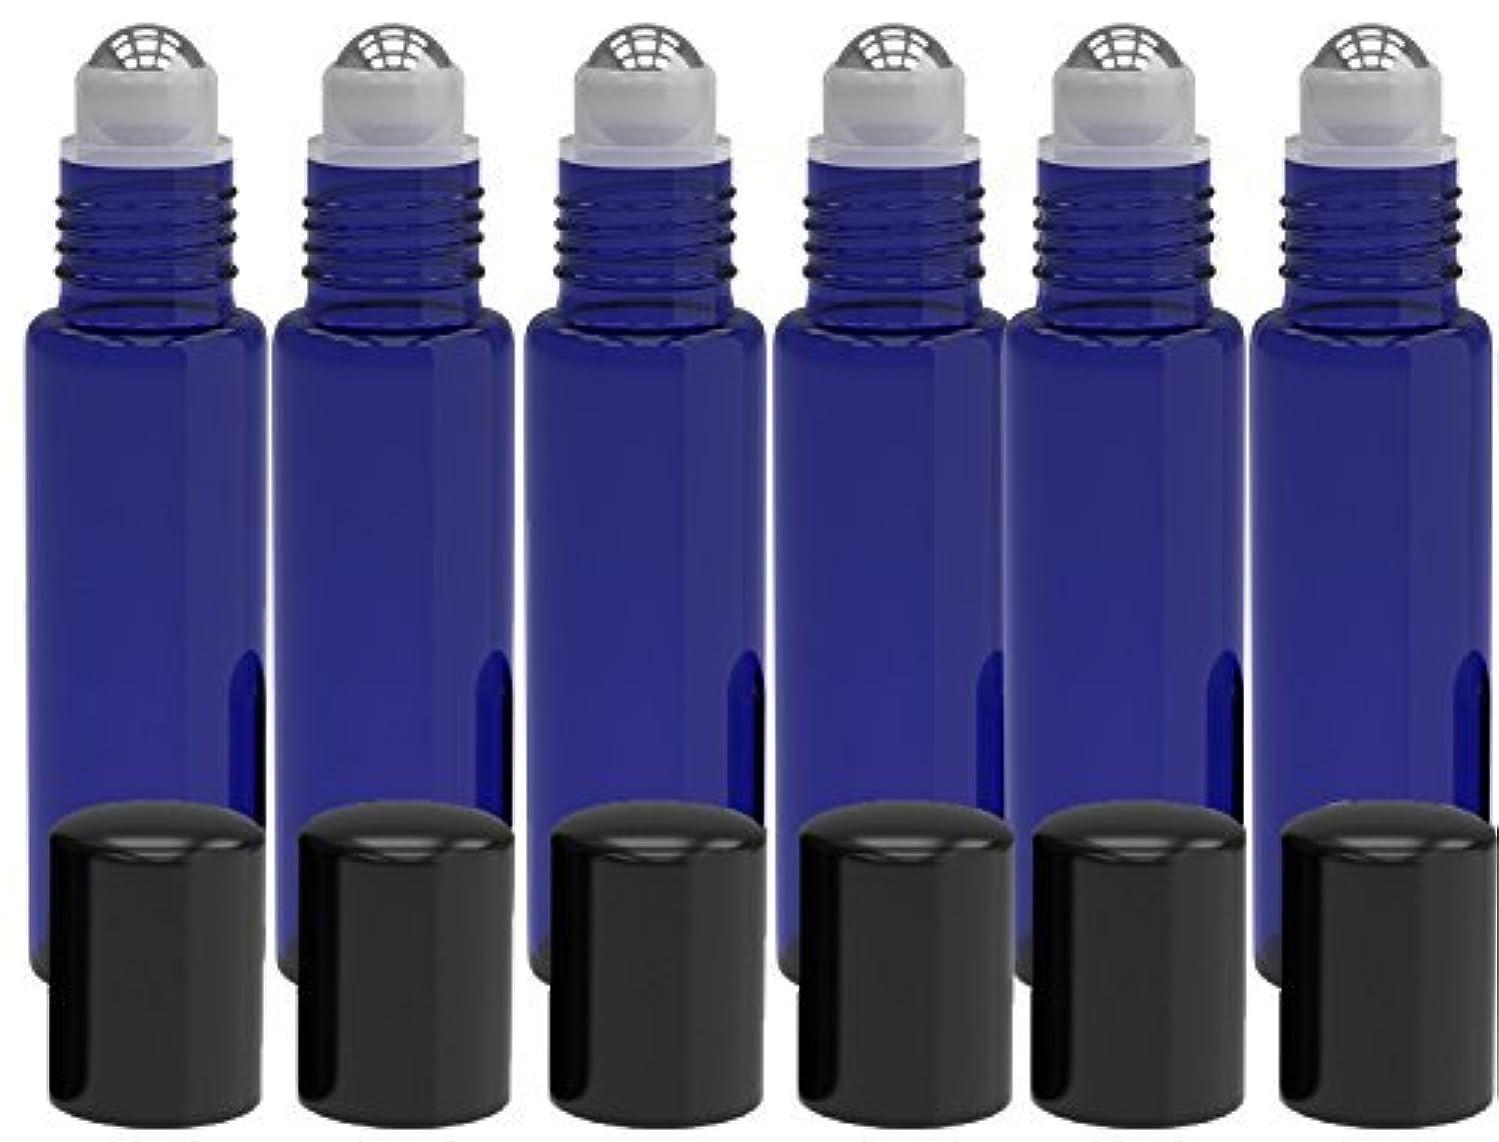 タイピスト援助両方6 Pack - Empty Roll on Glass Bottles [STAINLESS STEEL ROLLER] 10ml Refillable Color Roll On for Fragrance Essential...